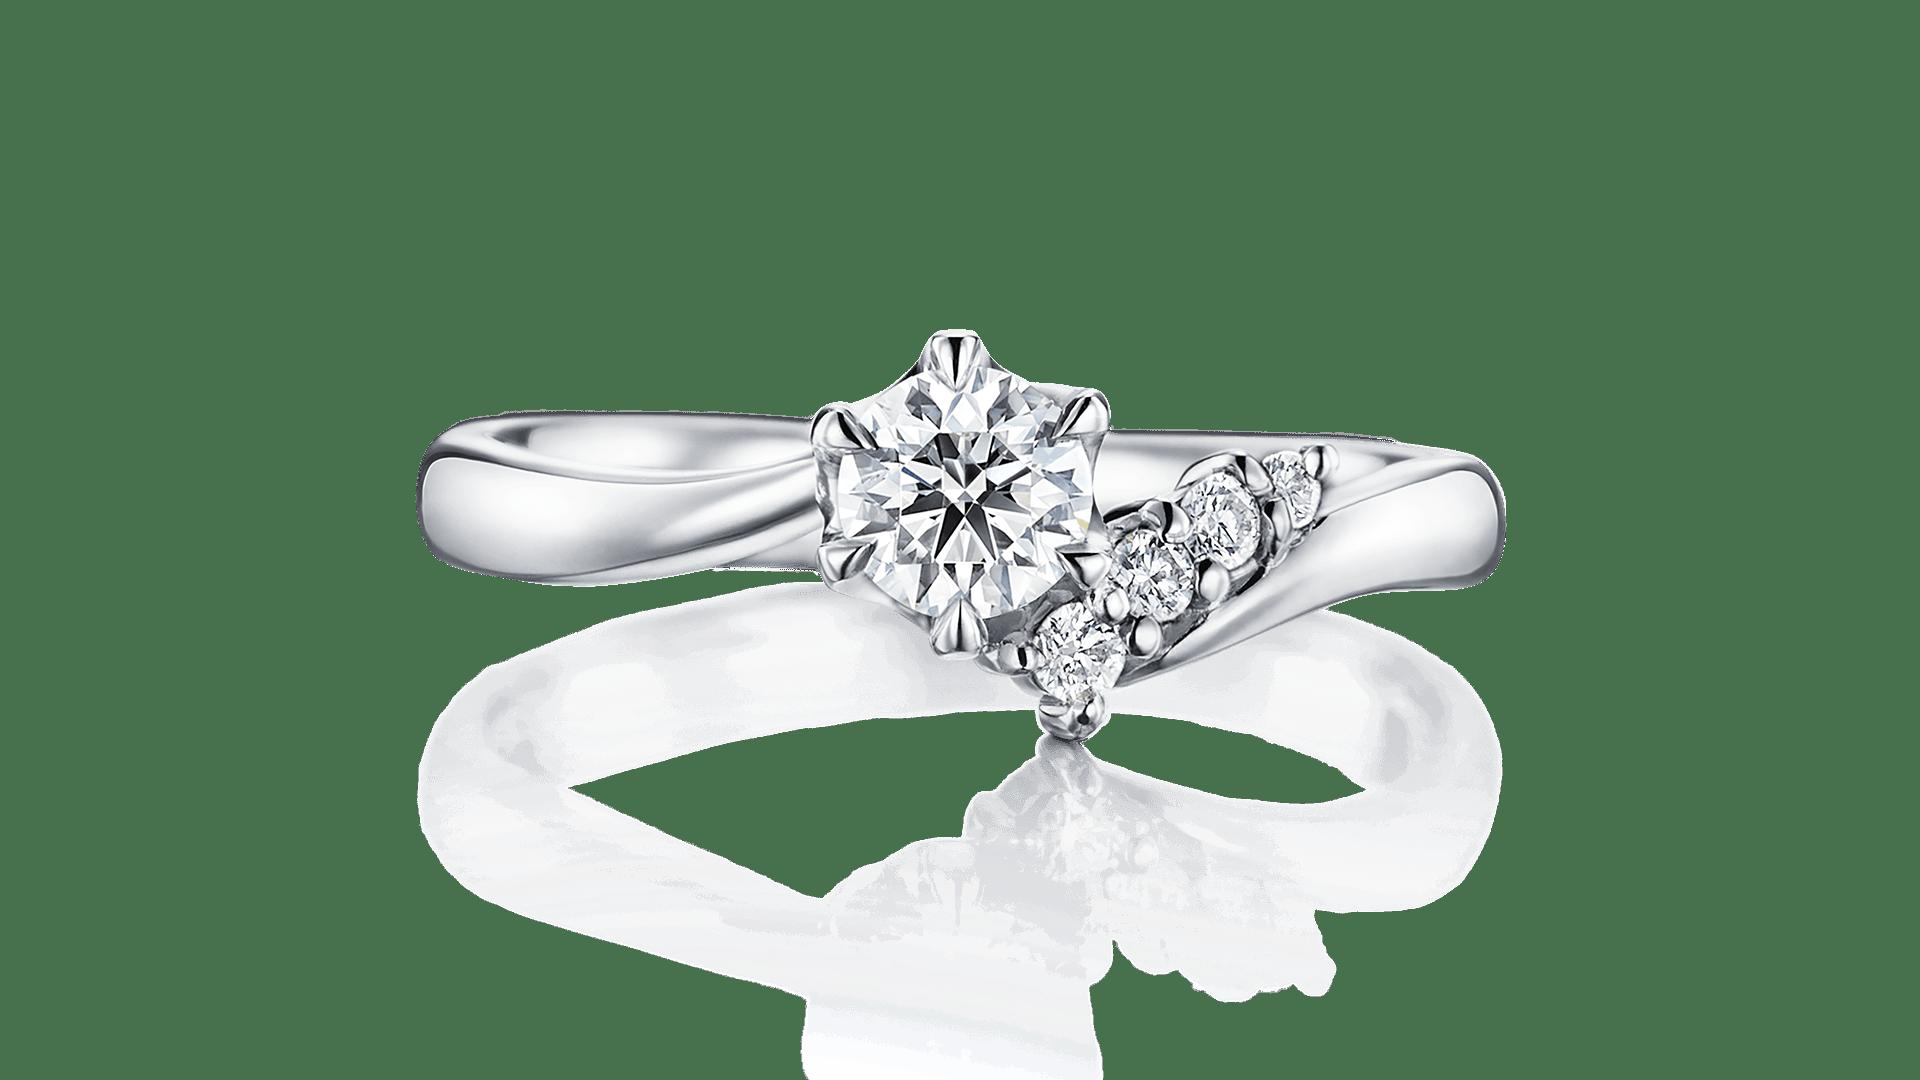 australis アウストラリス | 婚約指輪サムネイル 1